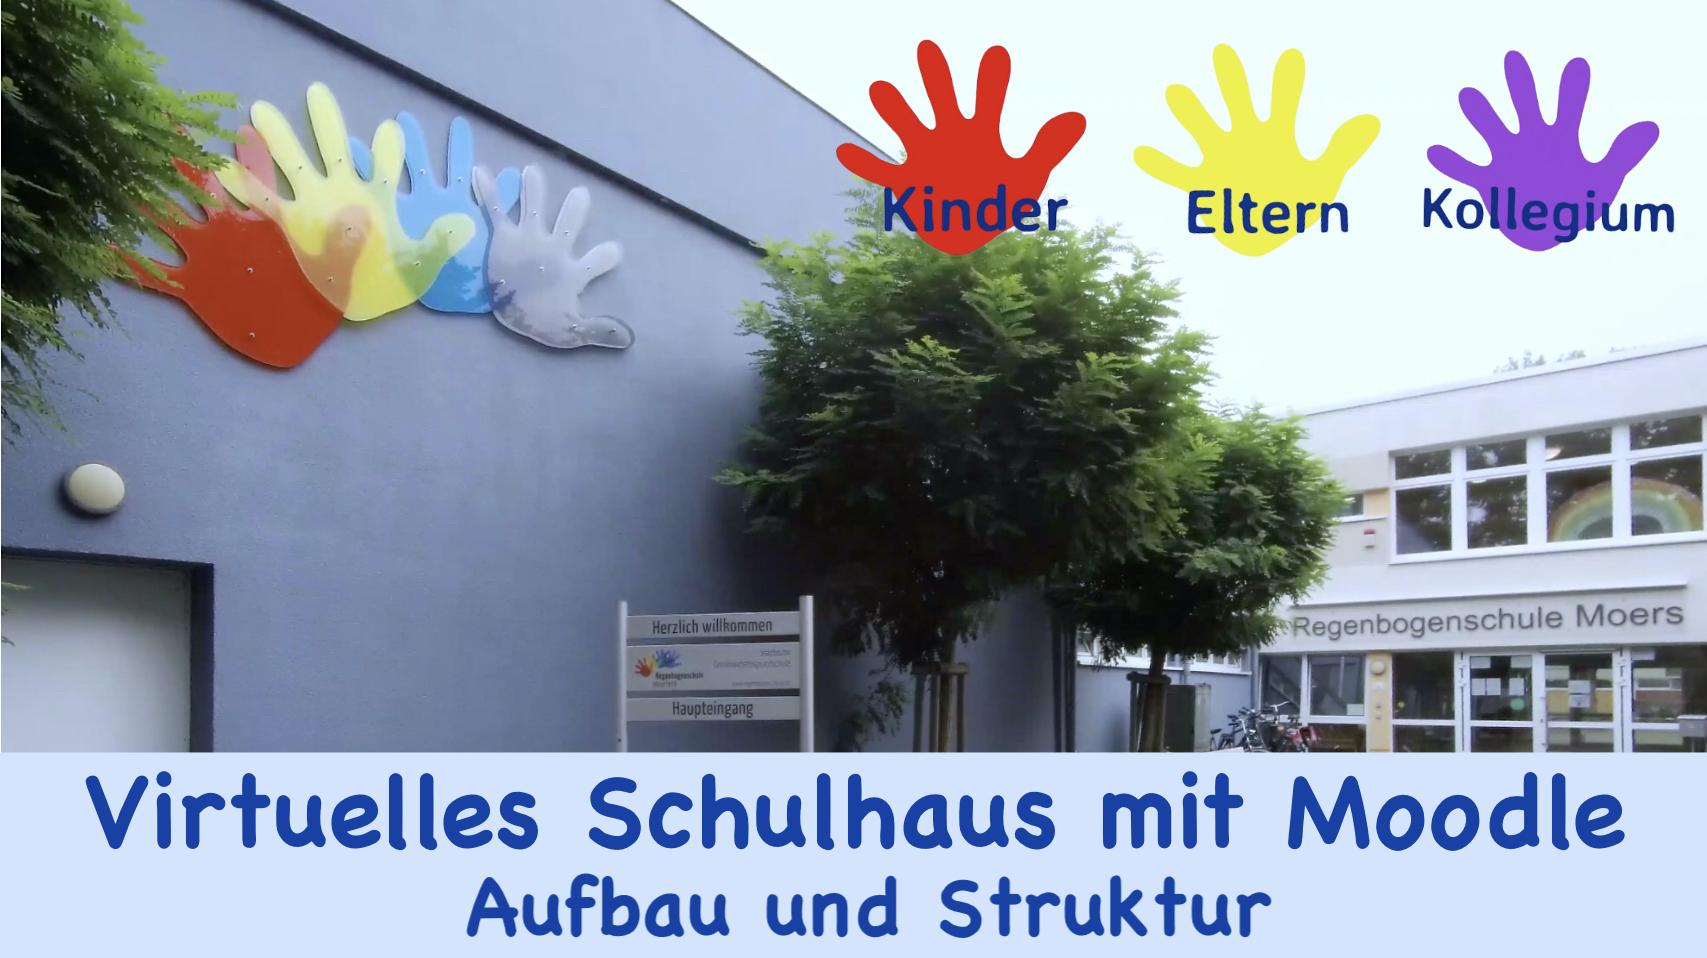 LINK: Virtuelles Schulhaus - Aufbau und Struktur